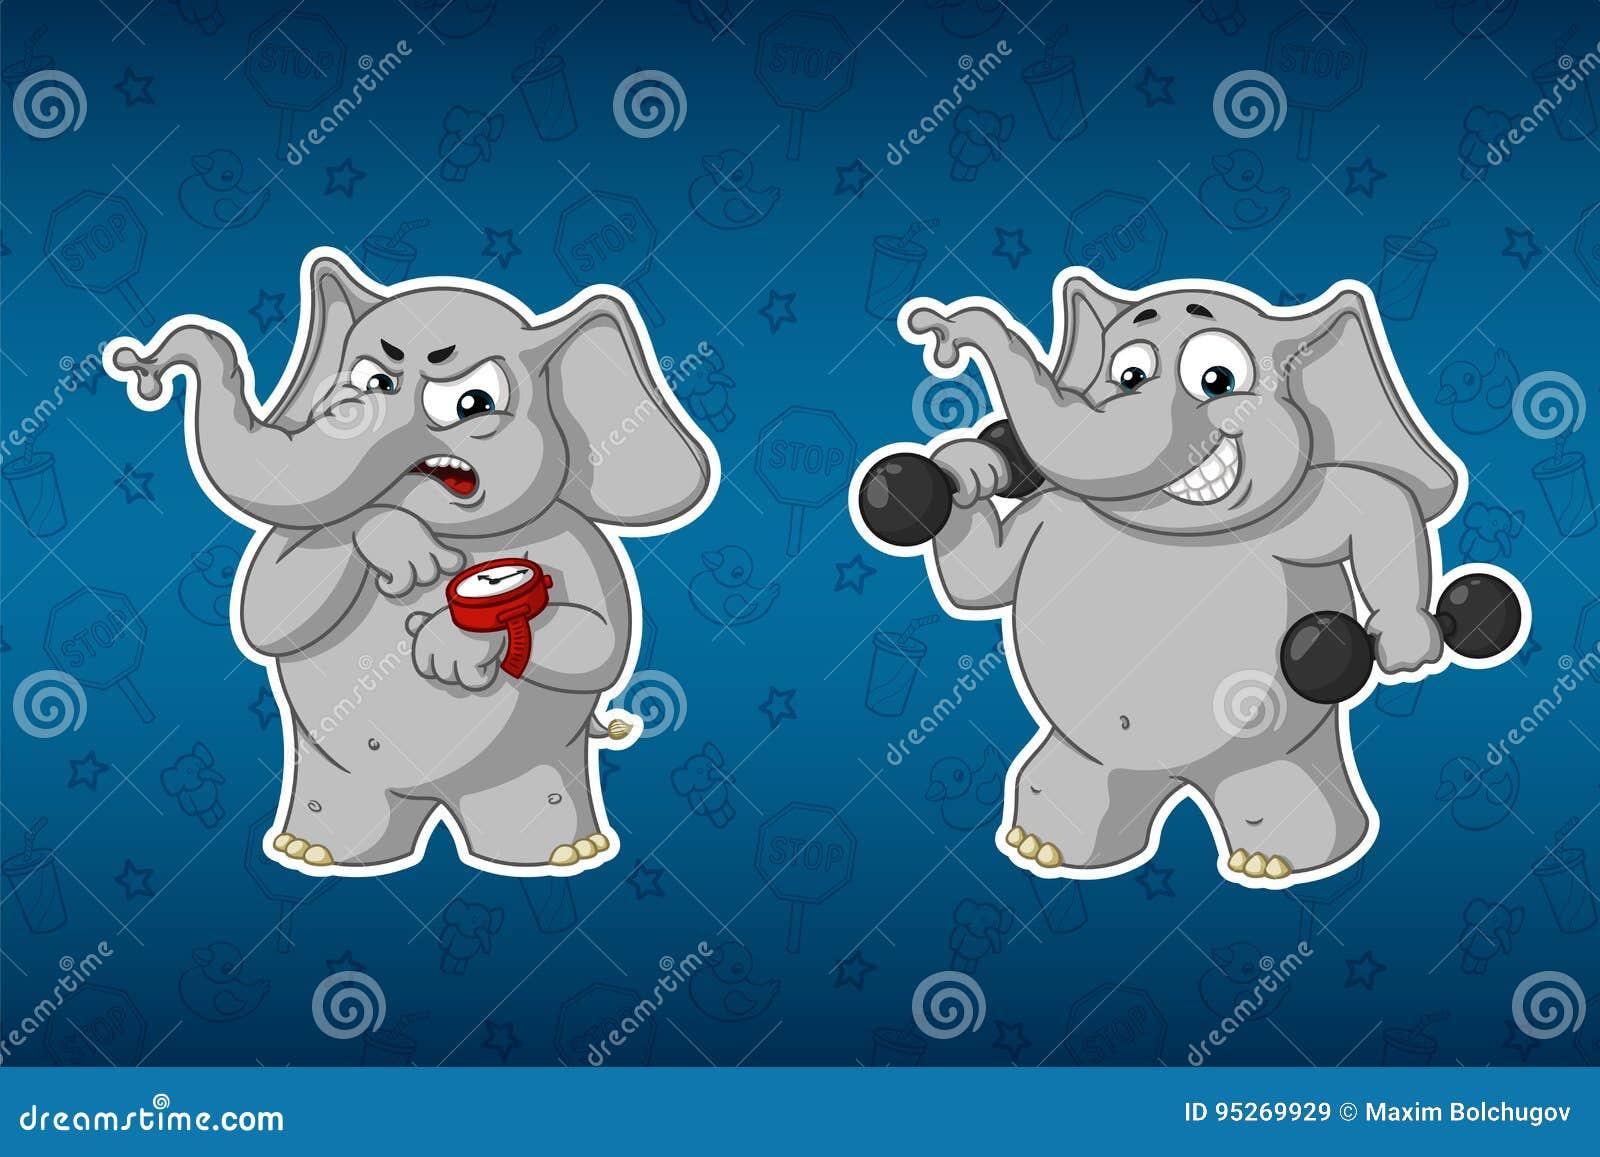 Ελέφαντες αυτοκόλλητων ετικεττών Αθλητισμός, αλτήρες στα χέρια, ικανότητα training εκπαιδευτής χιούμορ Μεγάλο σύνολο αυτοκόλλητων